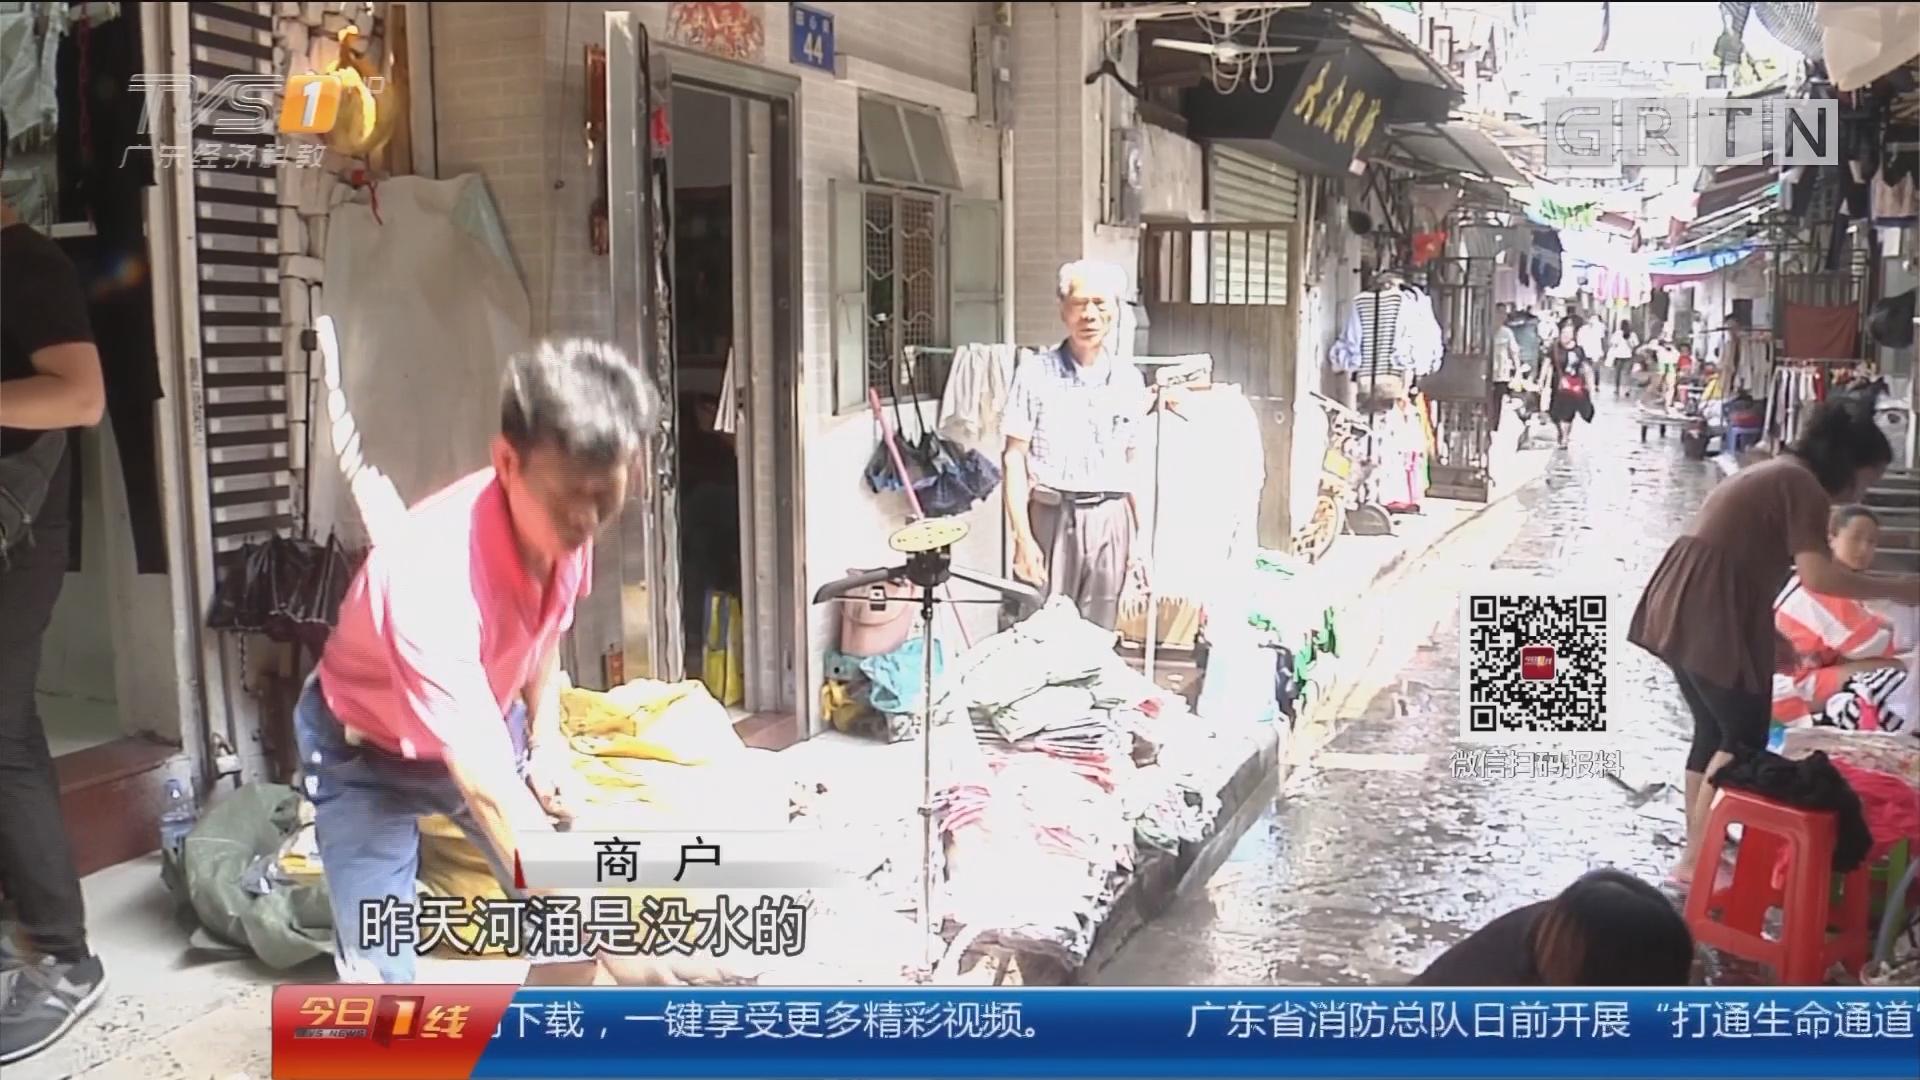 暴雨:广州昨夜发布今年首个暴雨红色预警